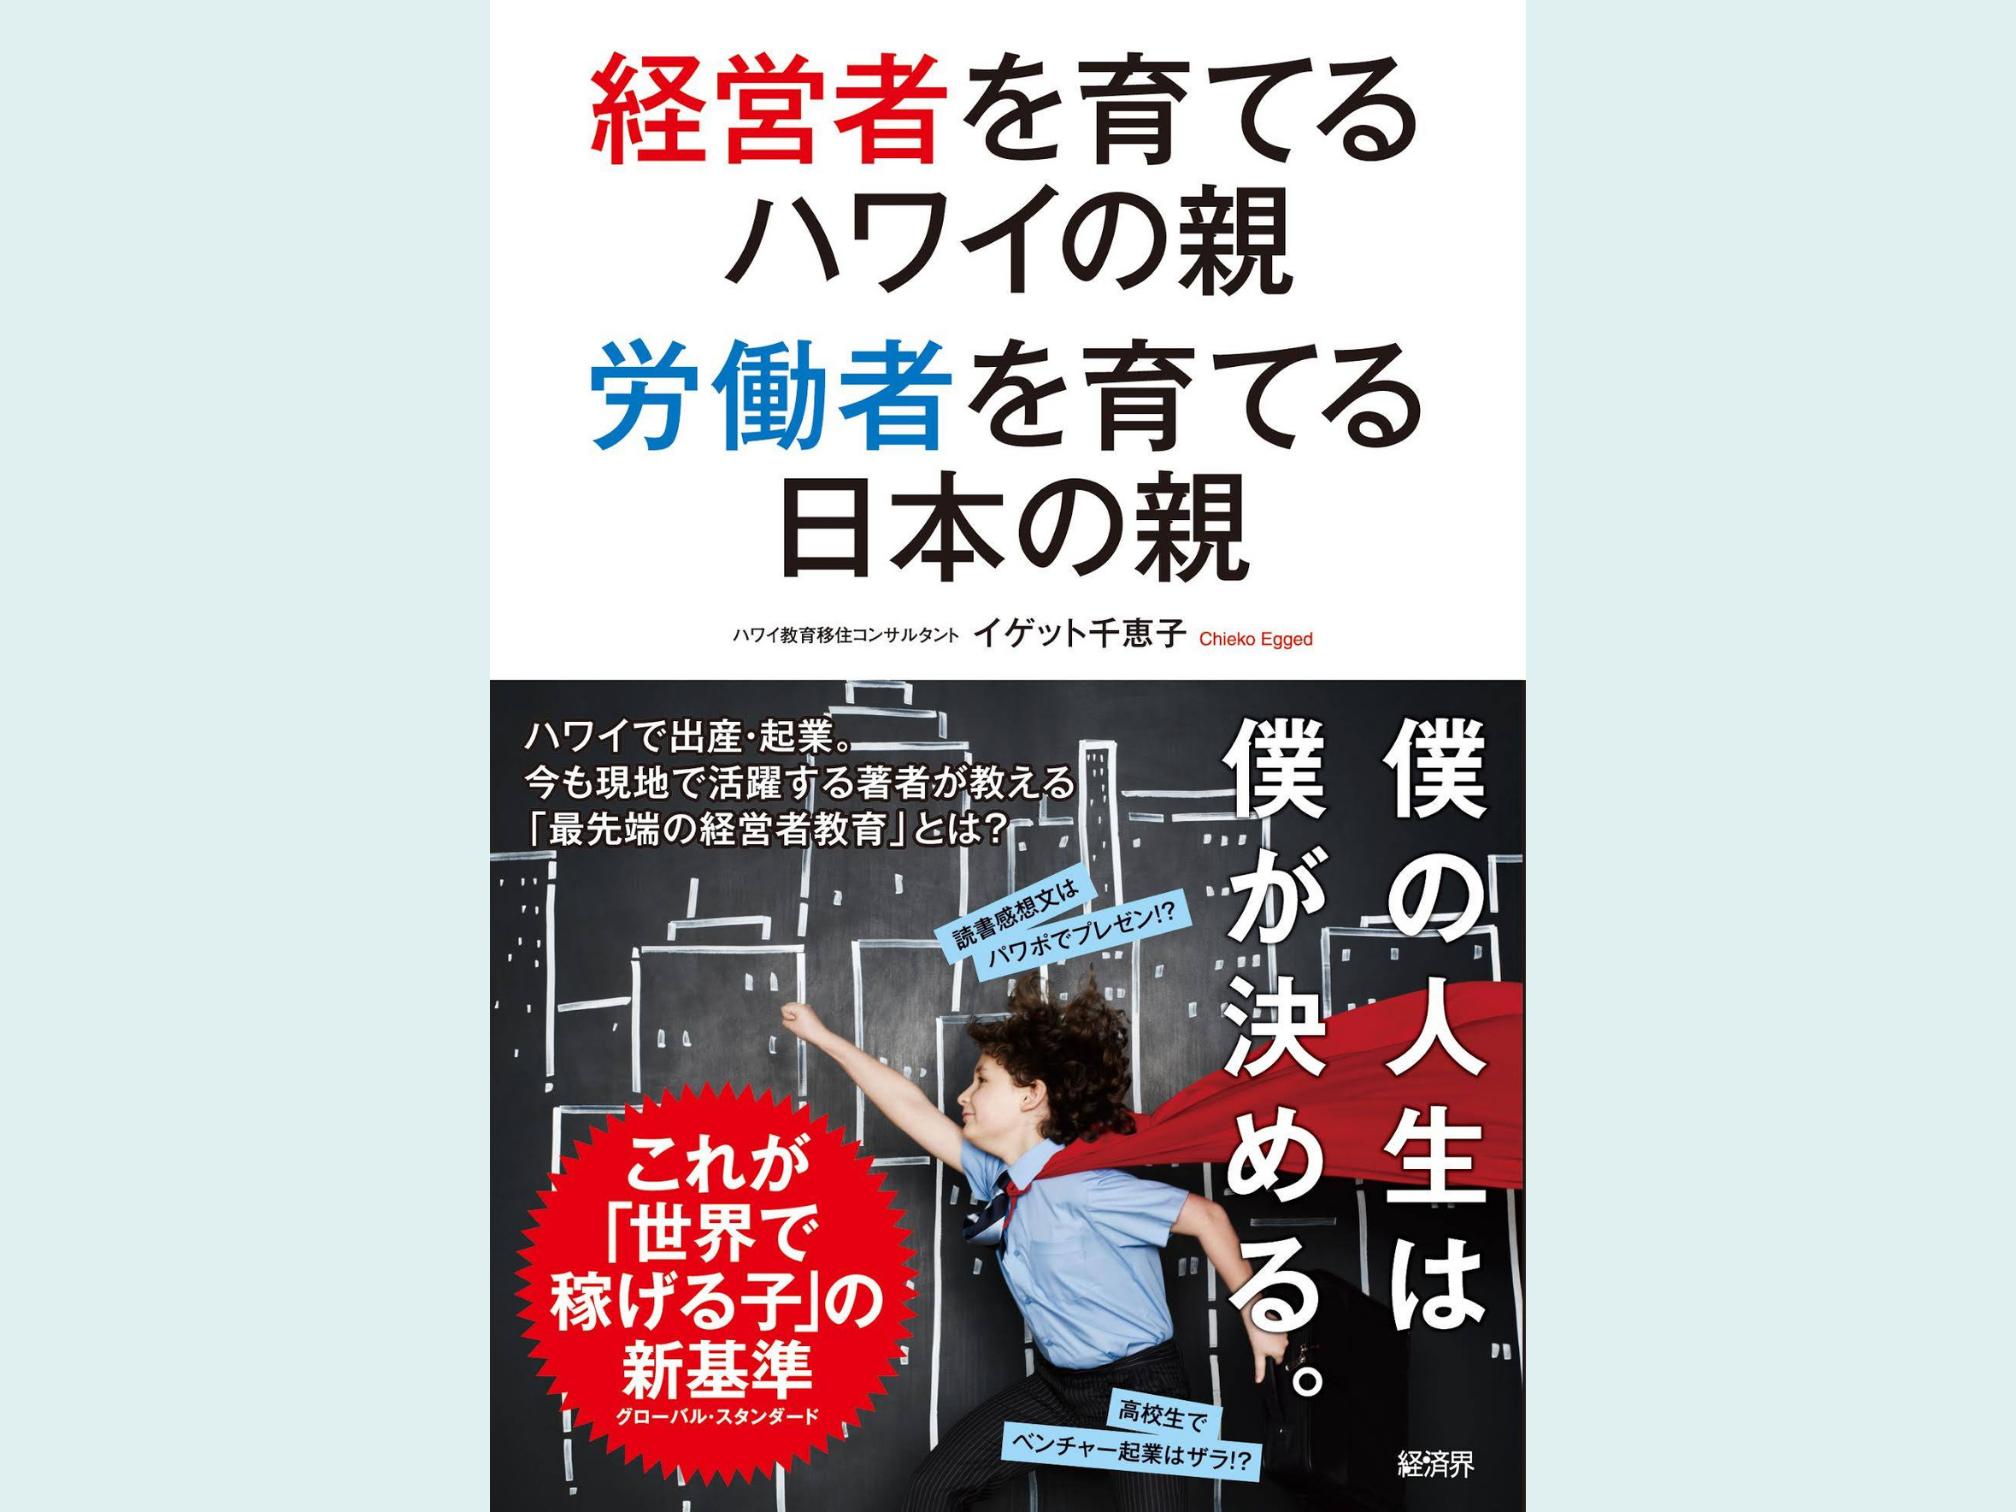 イゲット千恵子本表紙2017.3.23